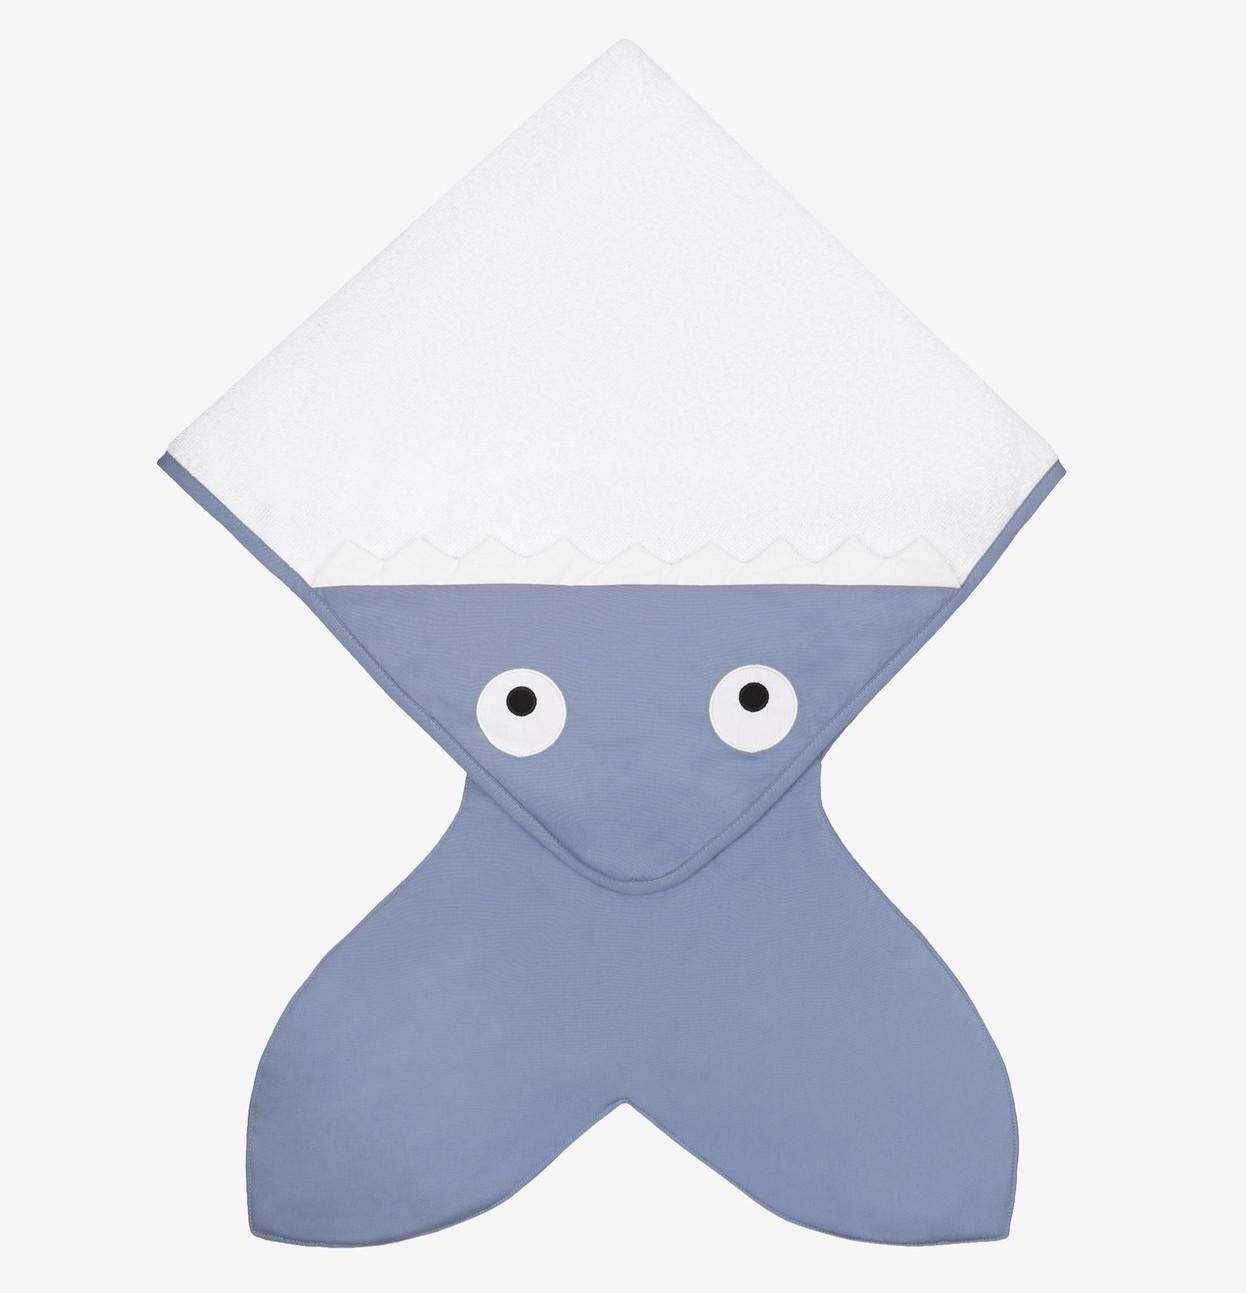 Baby Bites - Handdoek 75X75cm - Slate Blue